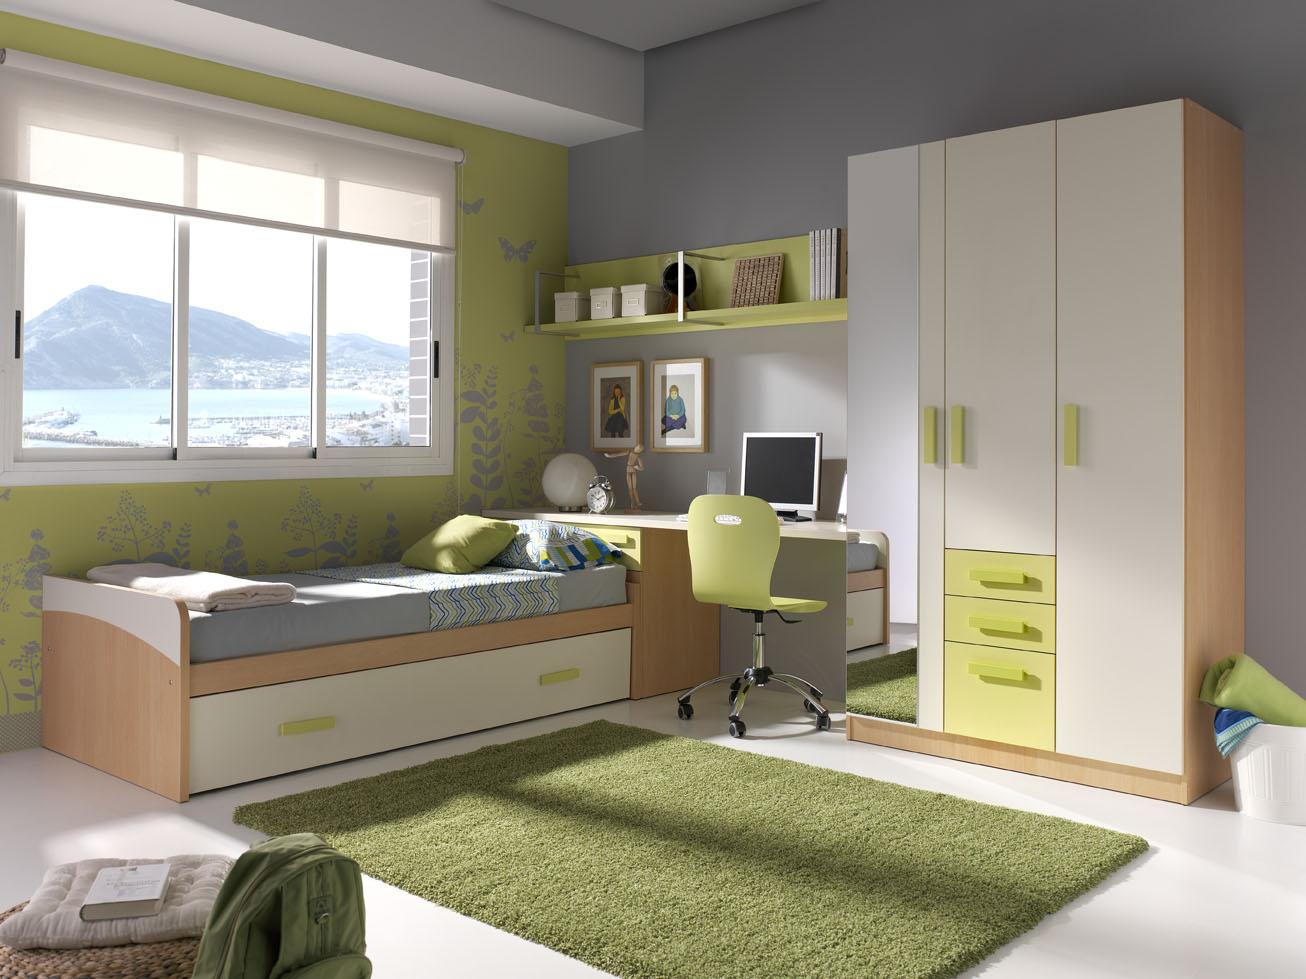 Muebles para dormitorios modernos trendy conjunto for Muebles de dormitorios juveniles modernos